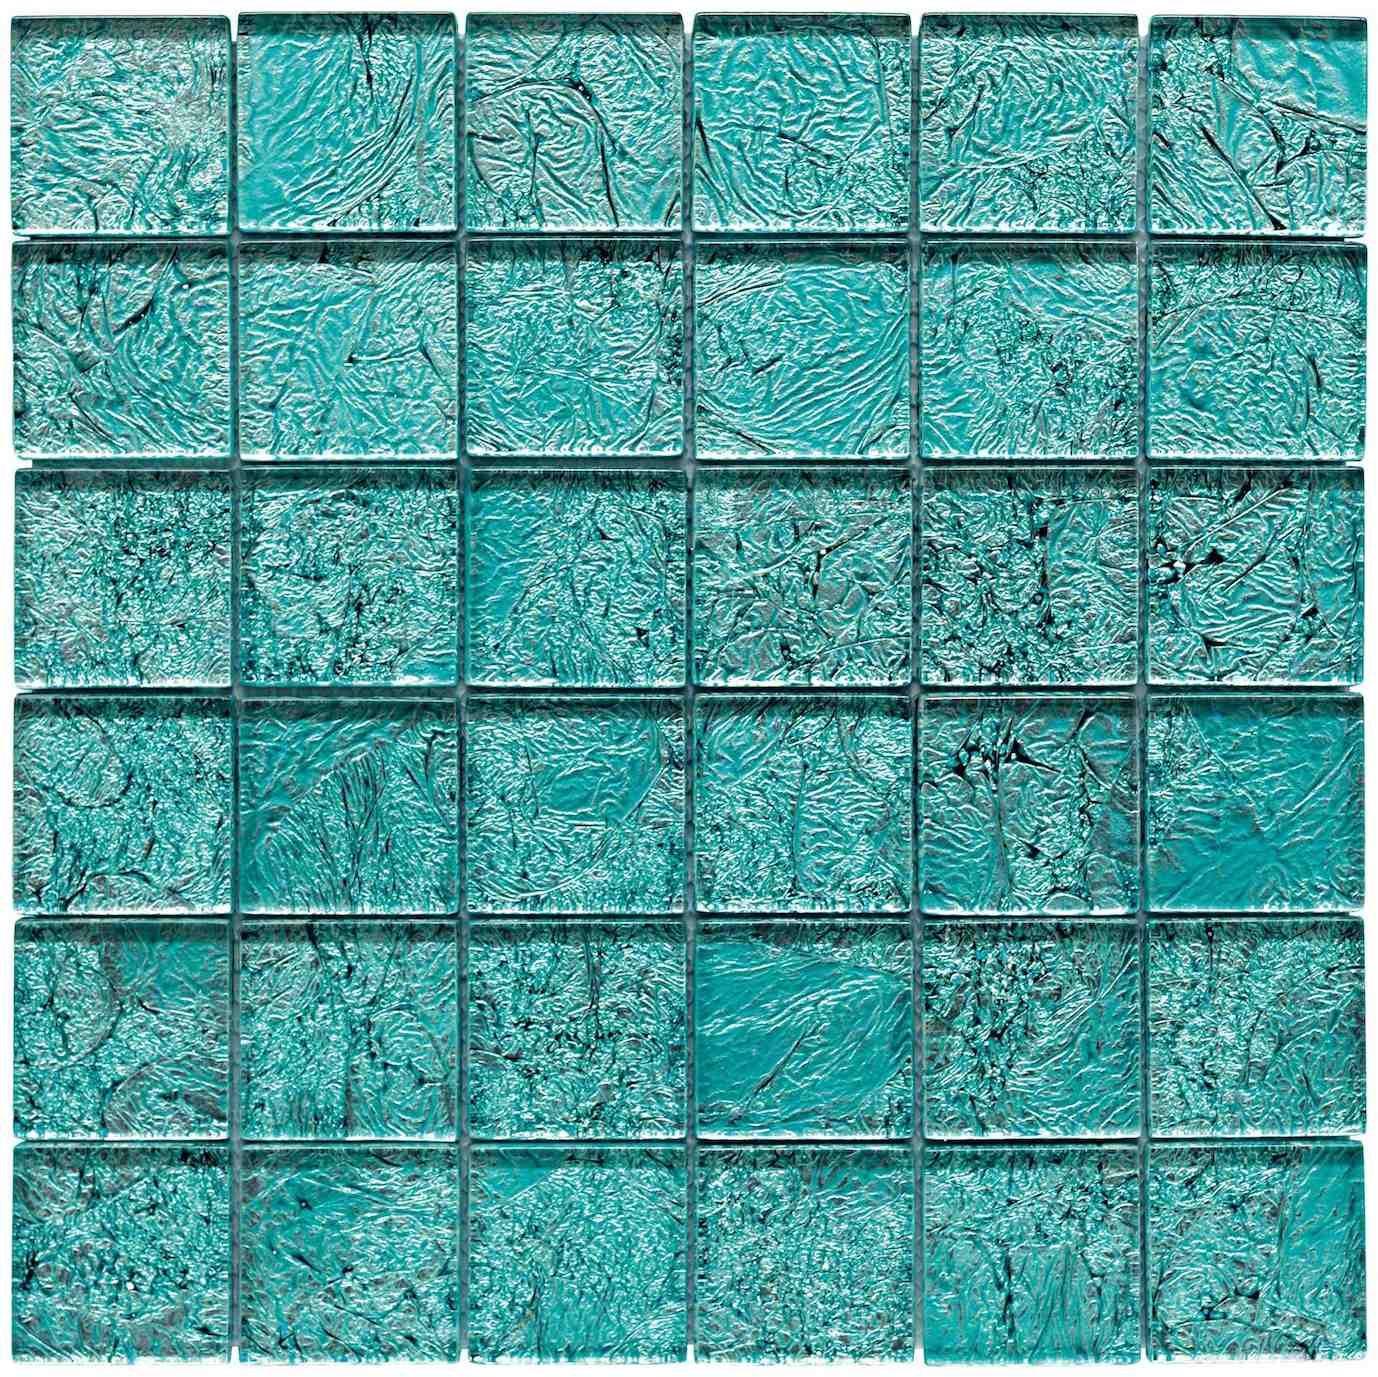 Gresite cristal 48x48 mm 8 mm de espesor silver blue for Colores de gresite